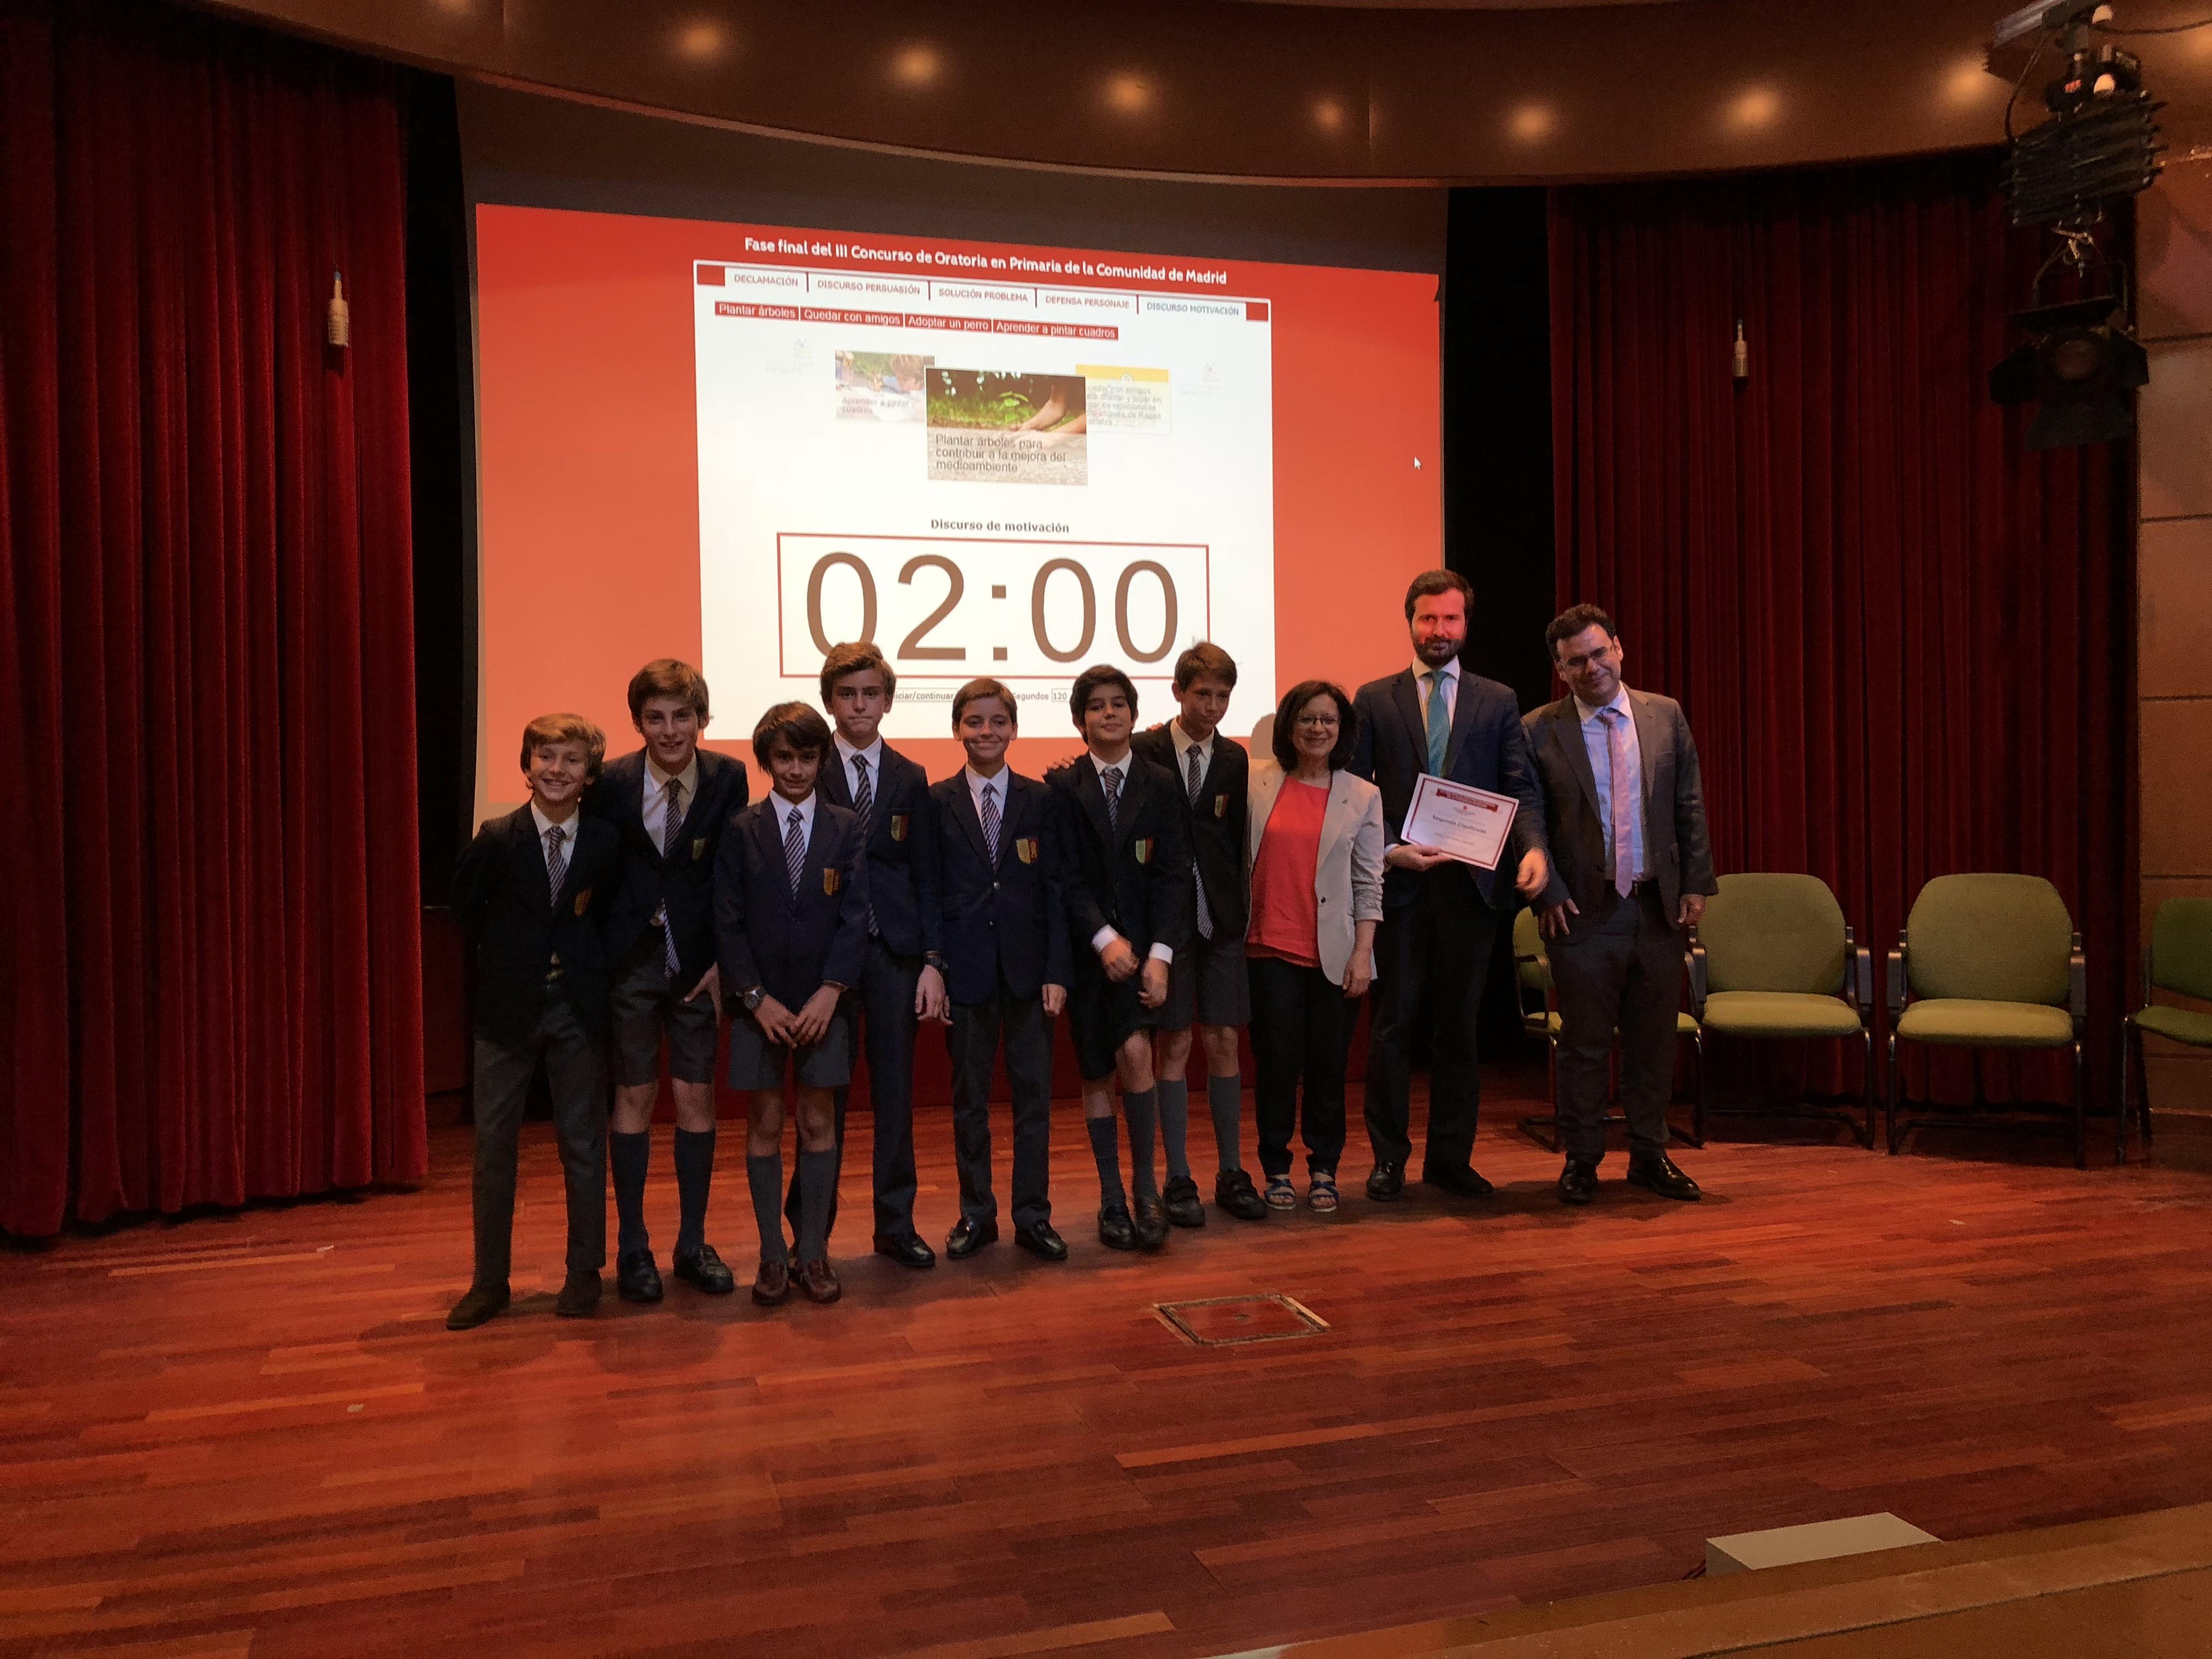 Fase final del III Concurso de Oratoria en Primaria de la Comunidad de Madrid 28